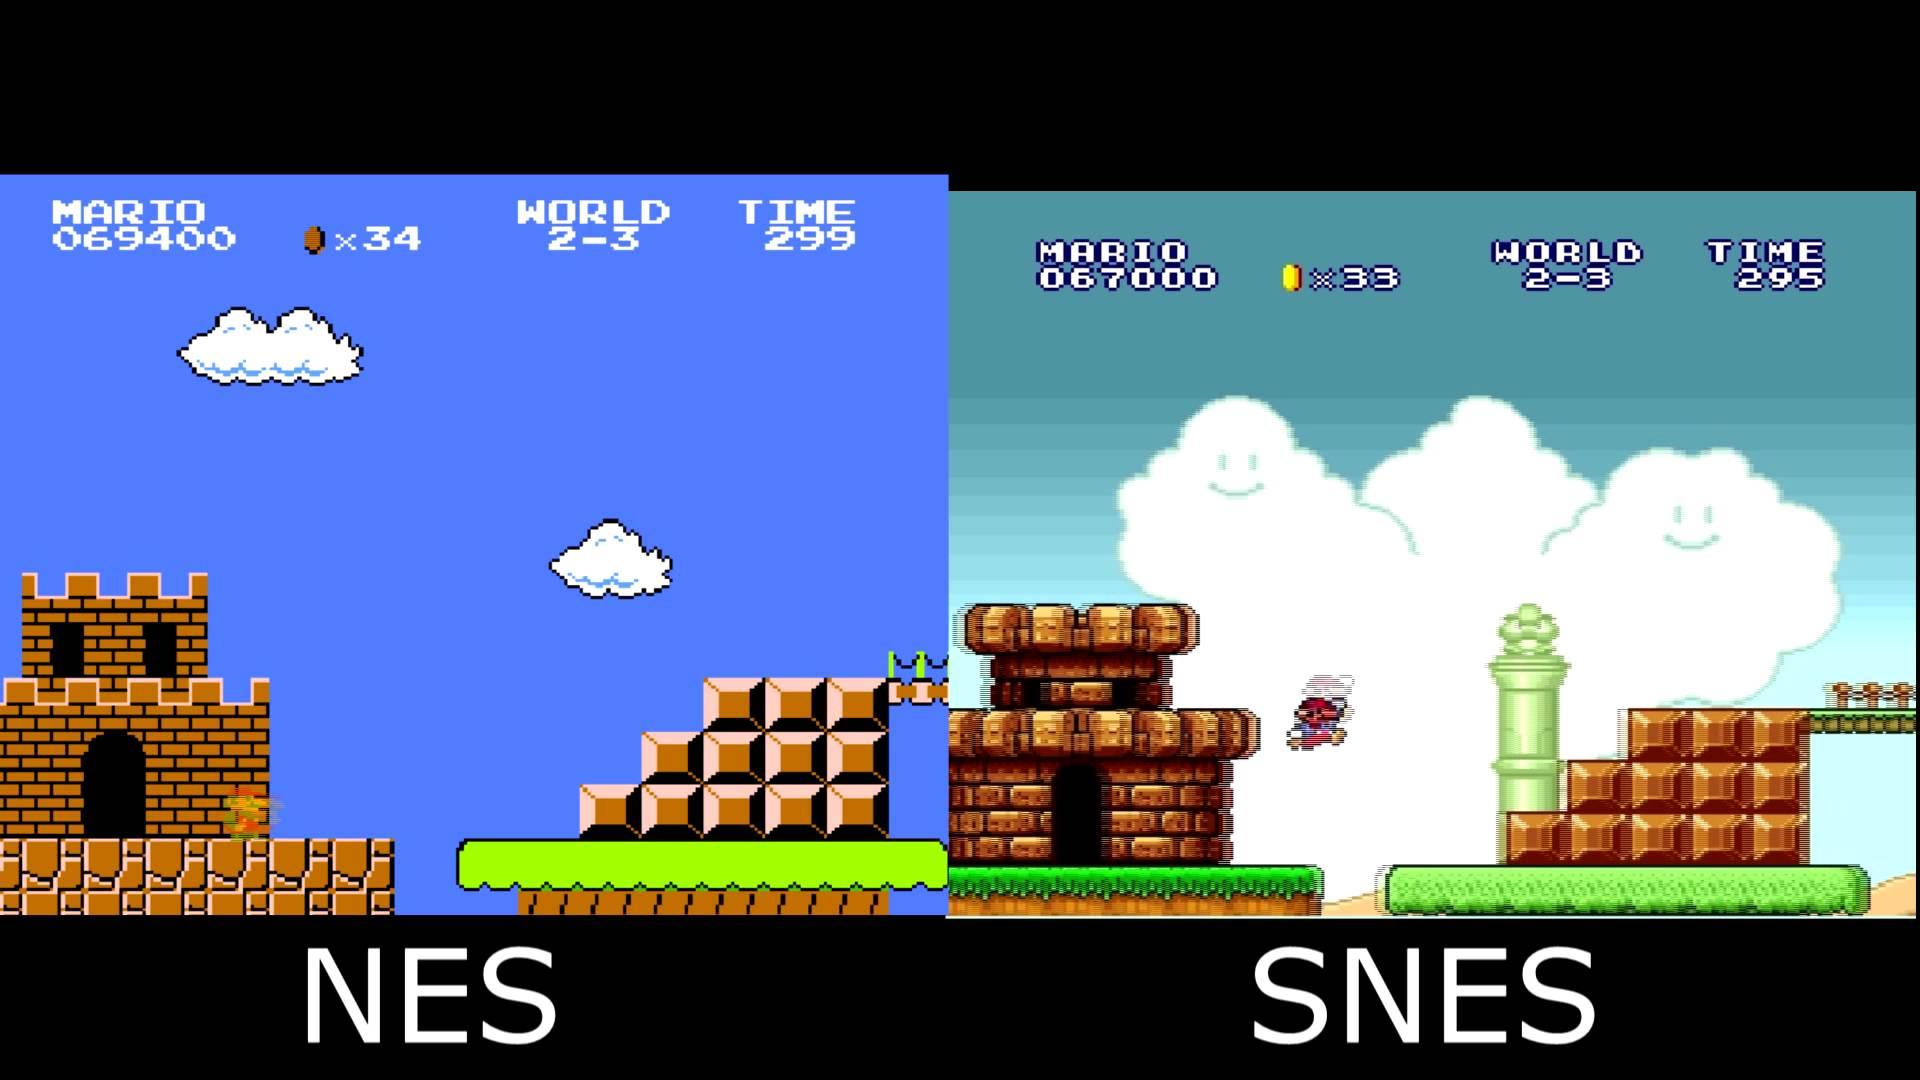 Qui l'eût cru? Nintendo nous niquait déjà en 1993!